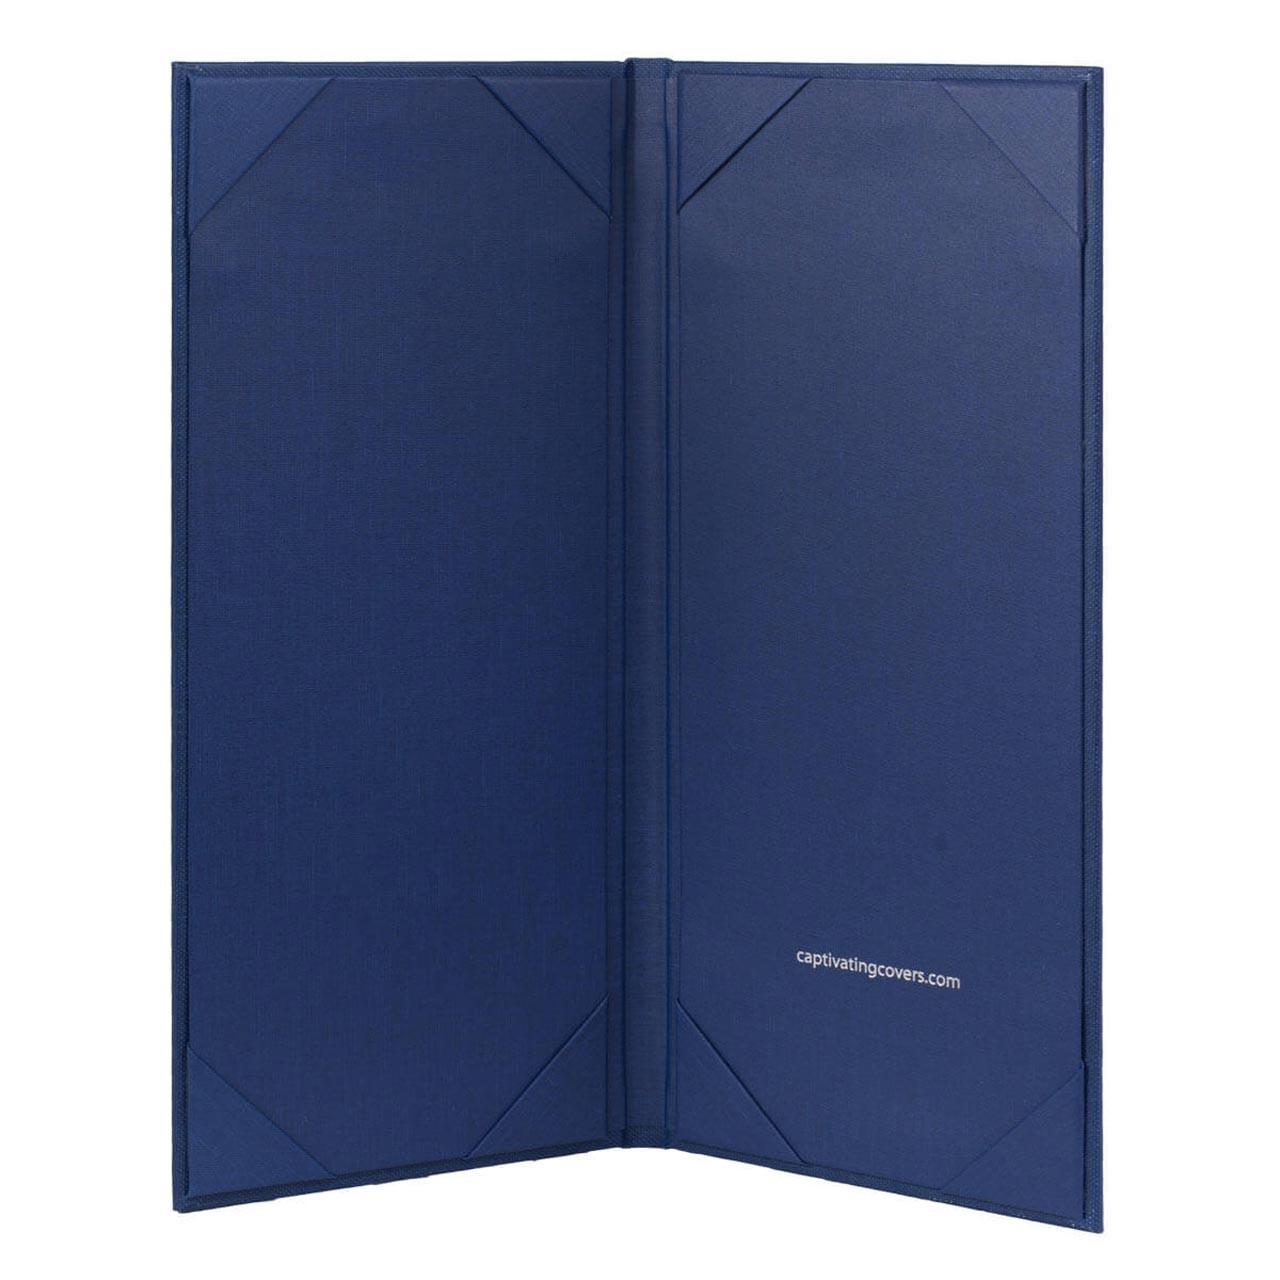 4.25 in. x 11 in. Insert, 2-Panel Menu Cover Blue (inside)